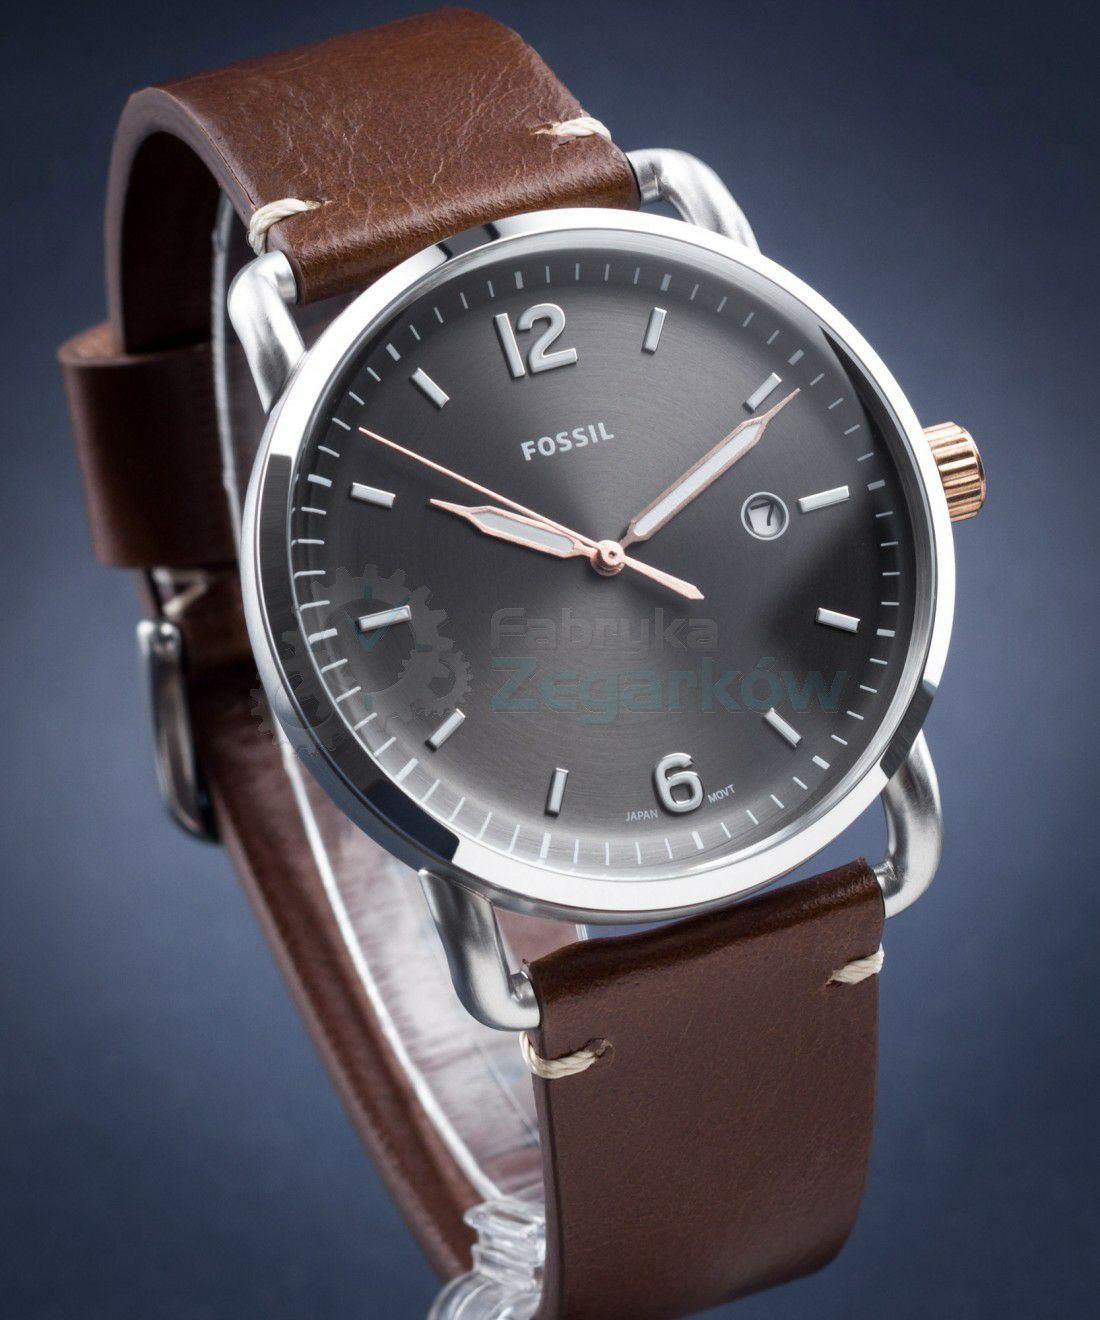 Wyprzedaż zegarków Fossil -(np. Fossil  Fs5417 i inne modele) @  Watches2u